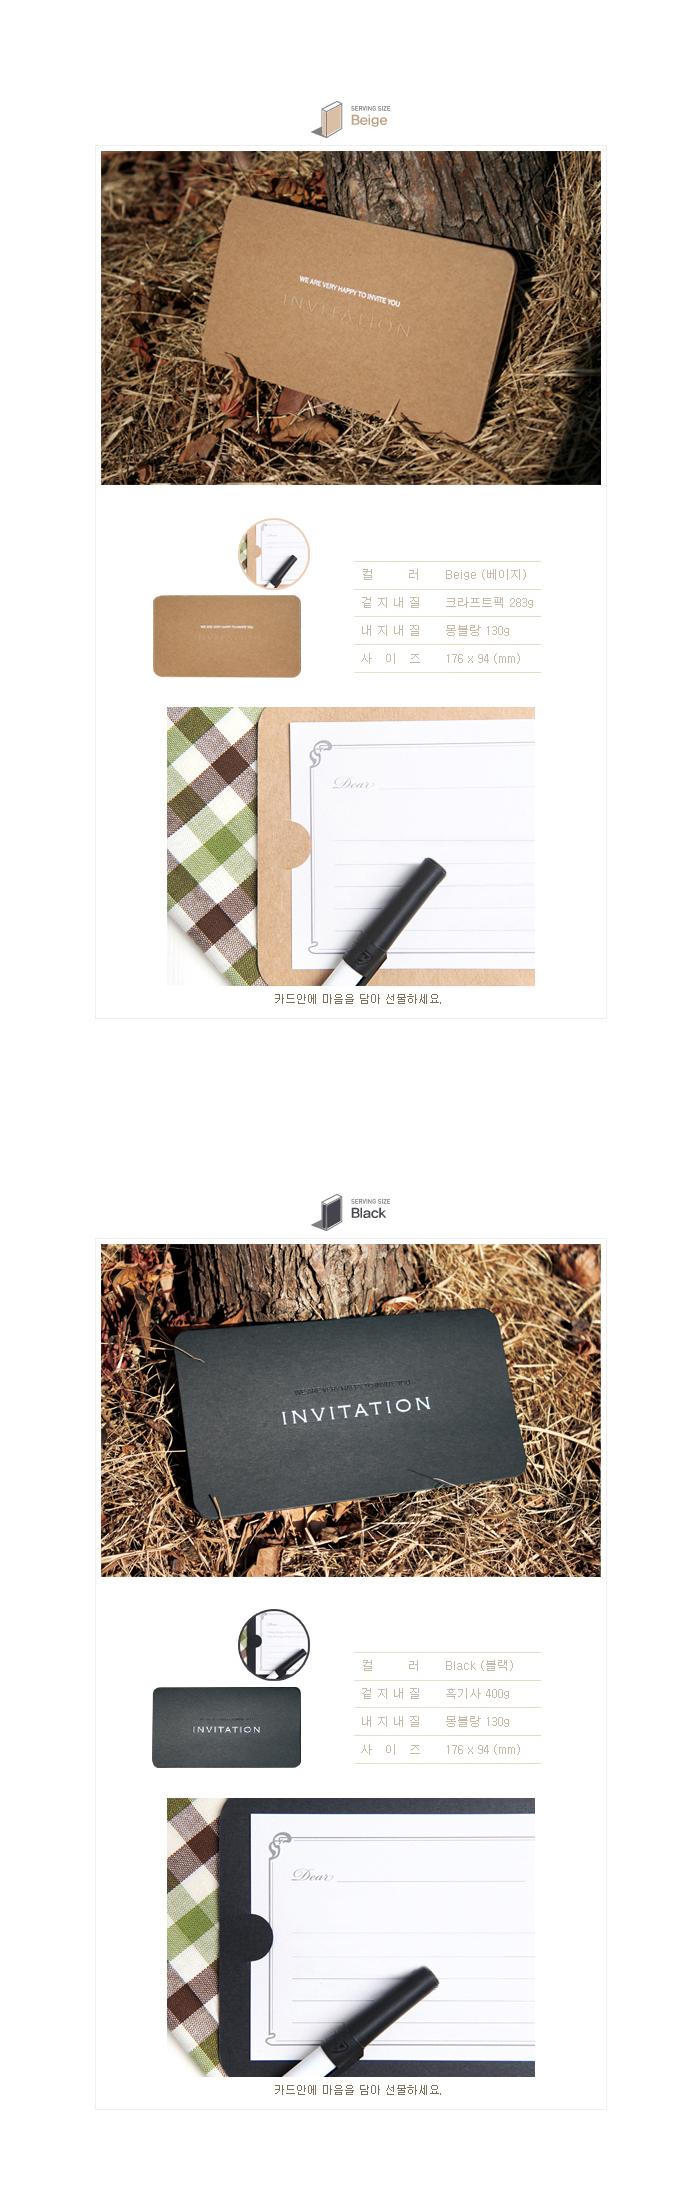 초대카드 - 제이스디자인, 2,000원, 카드, 감사 카드